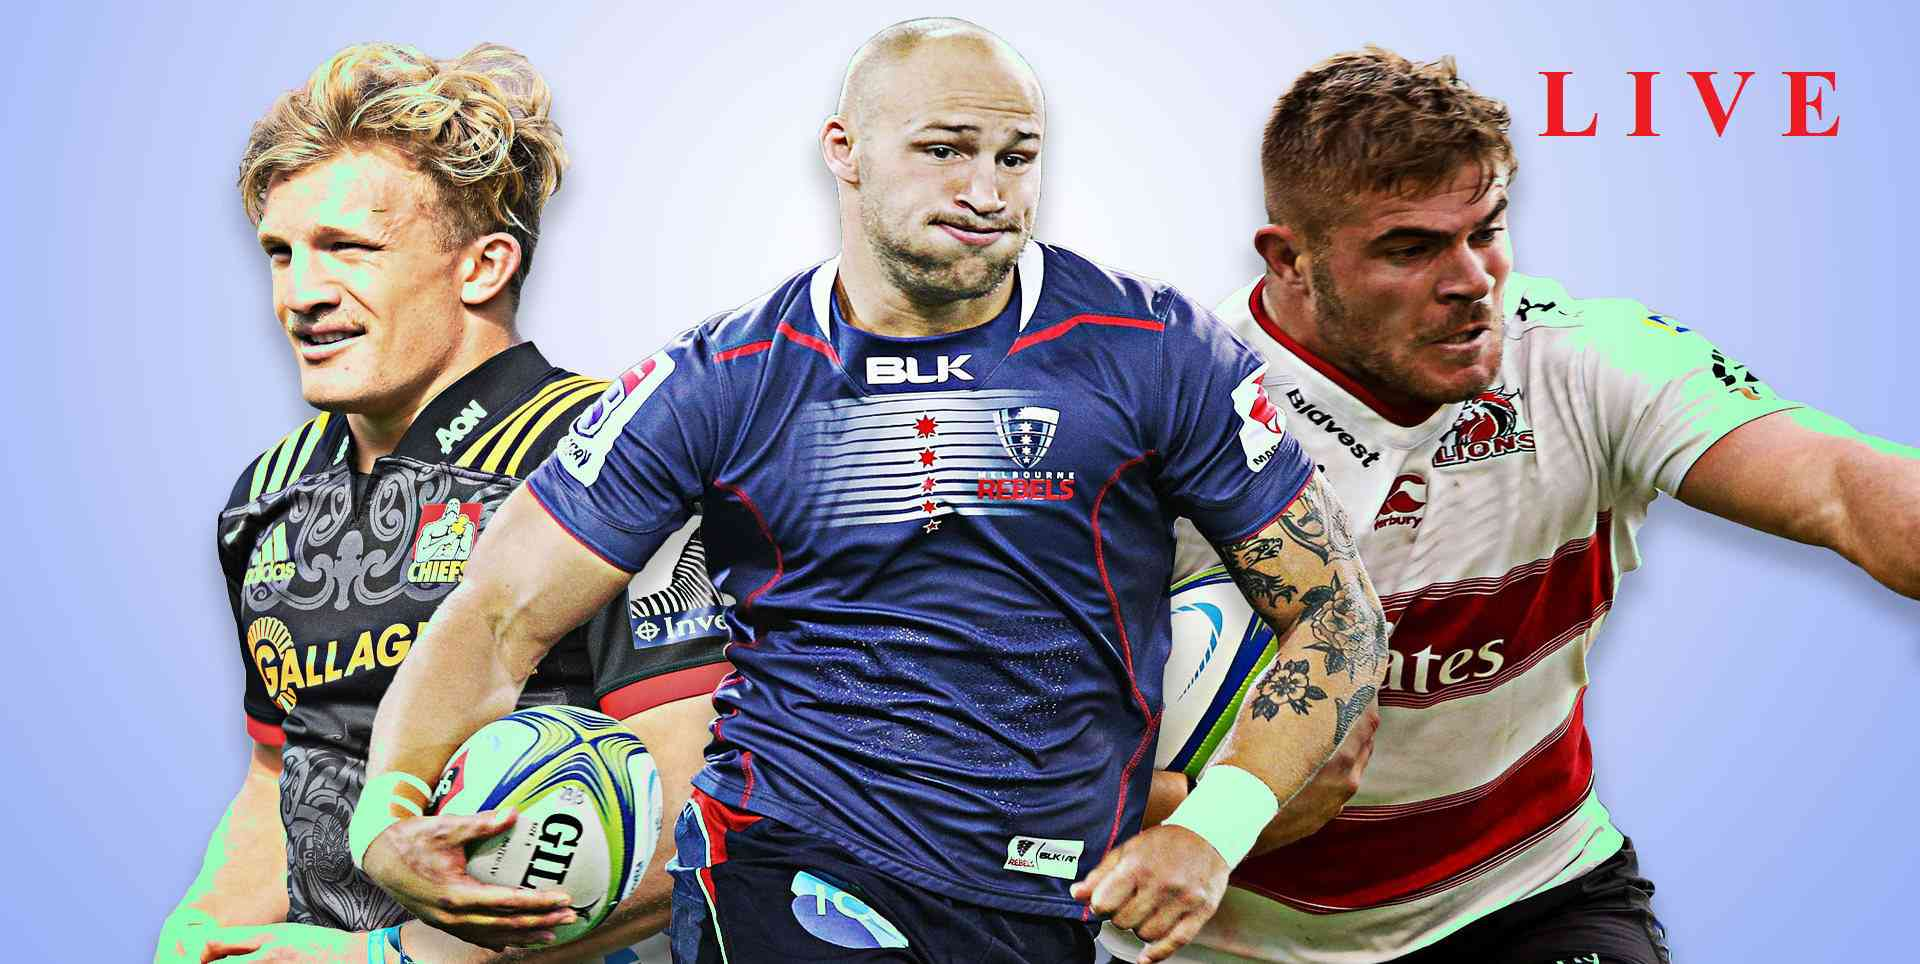 brumbies-vs-rebels-rugby-2018-live-stream